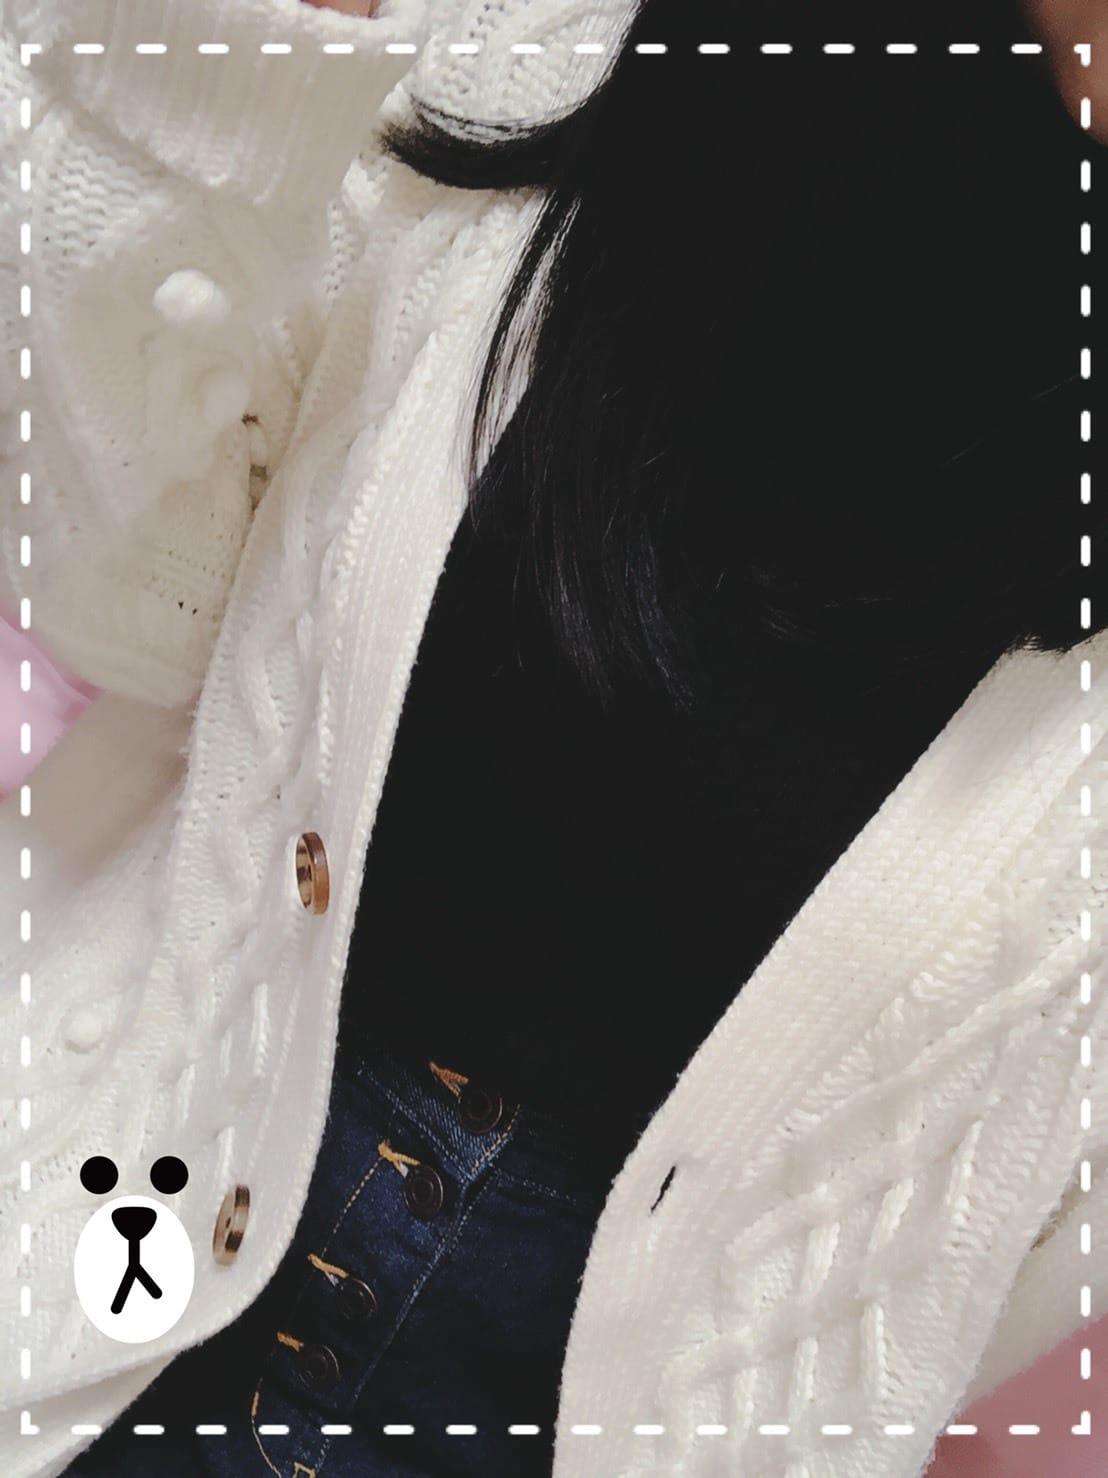 「のんです!♡」04/09(04/09) 21:42 | のんの写メ・風俗動画